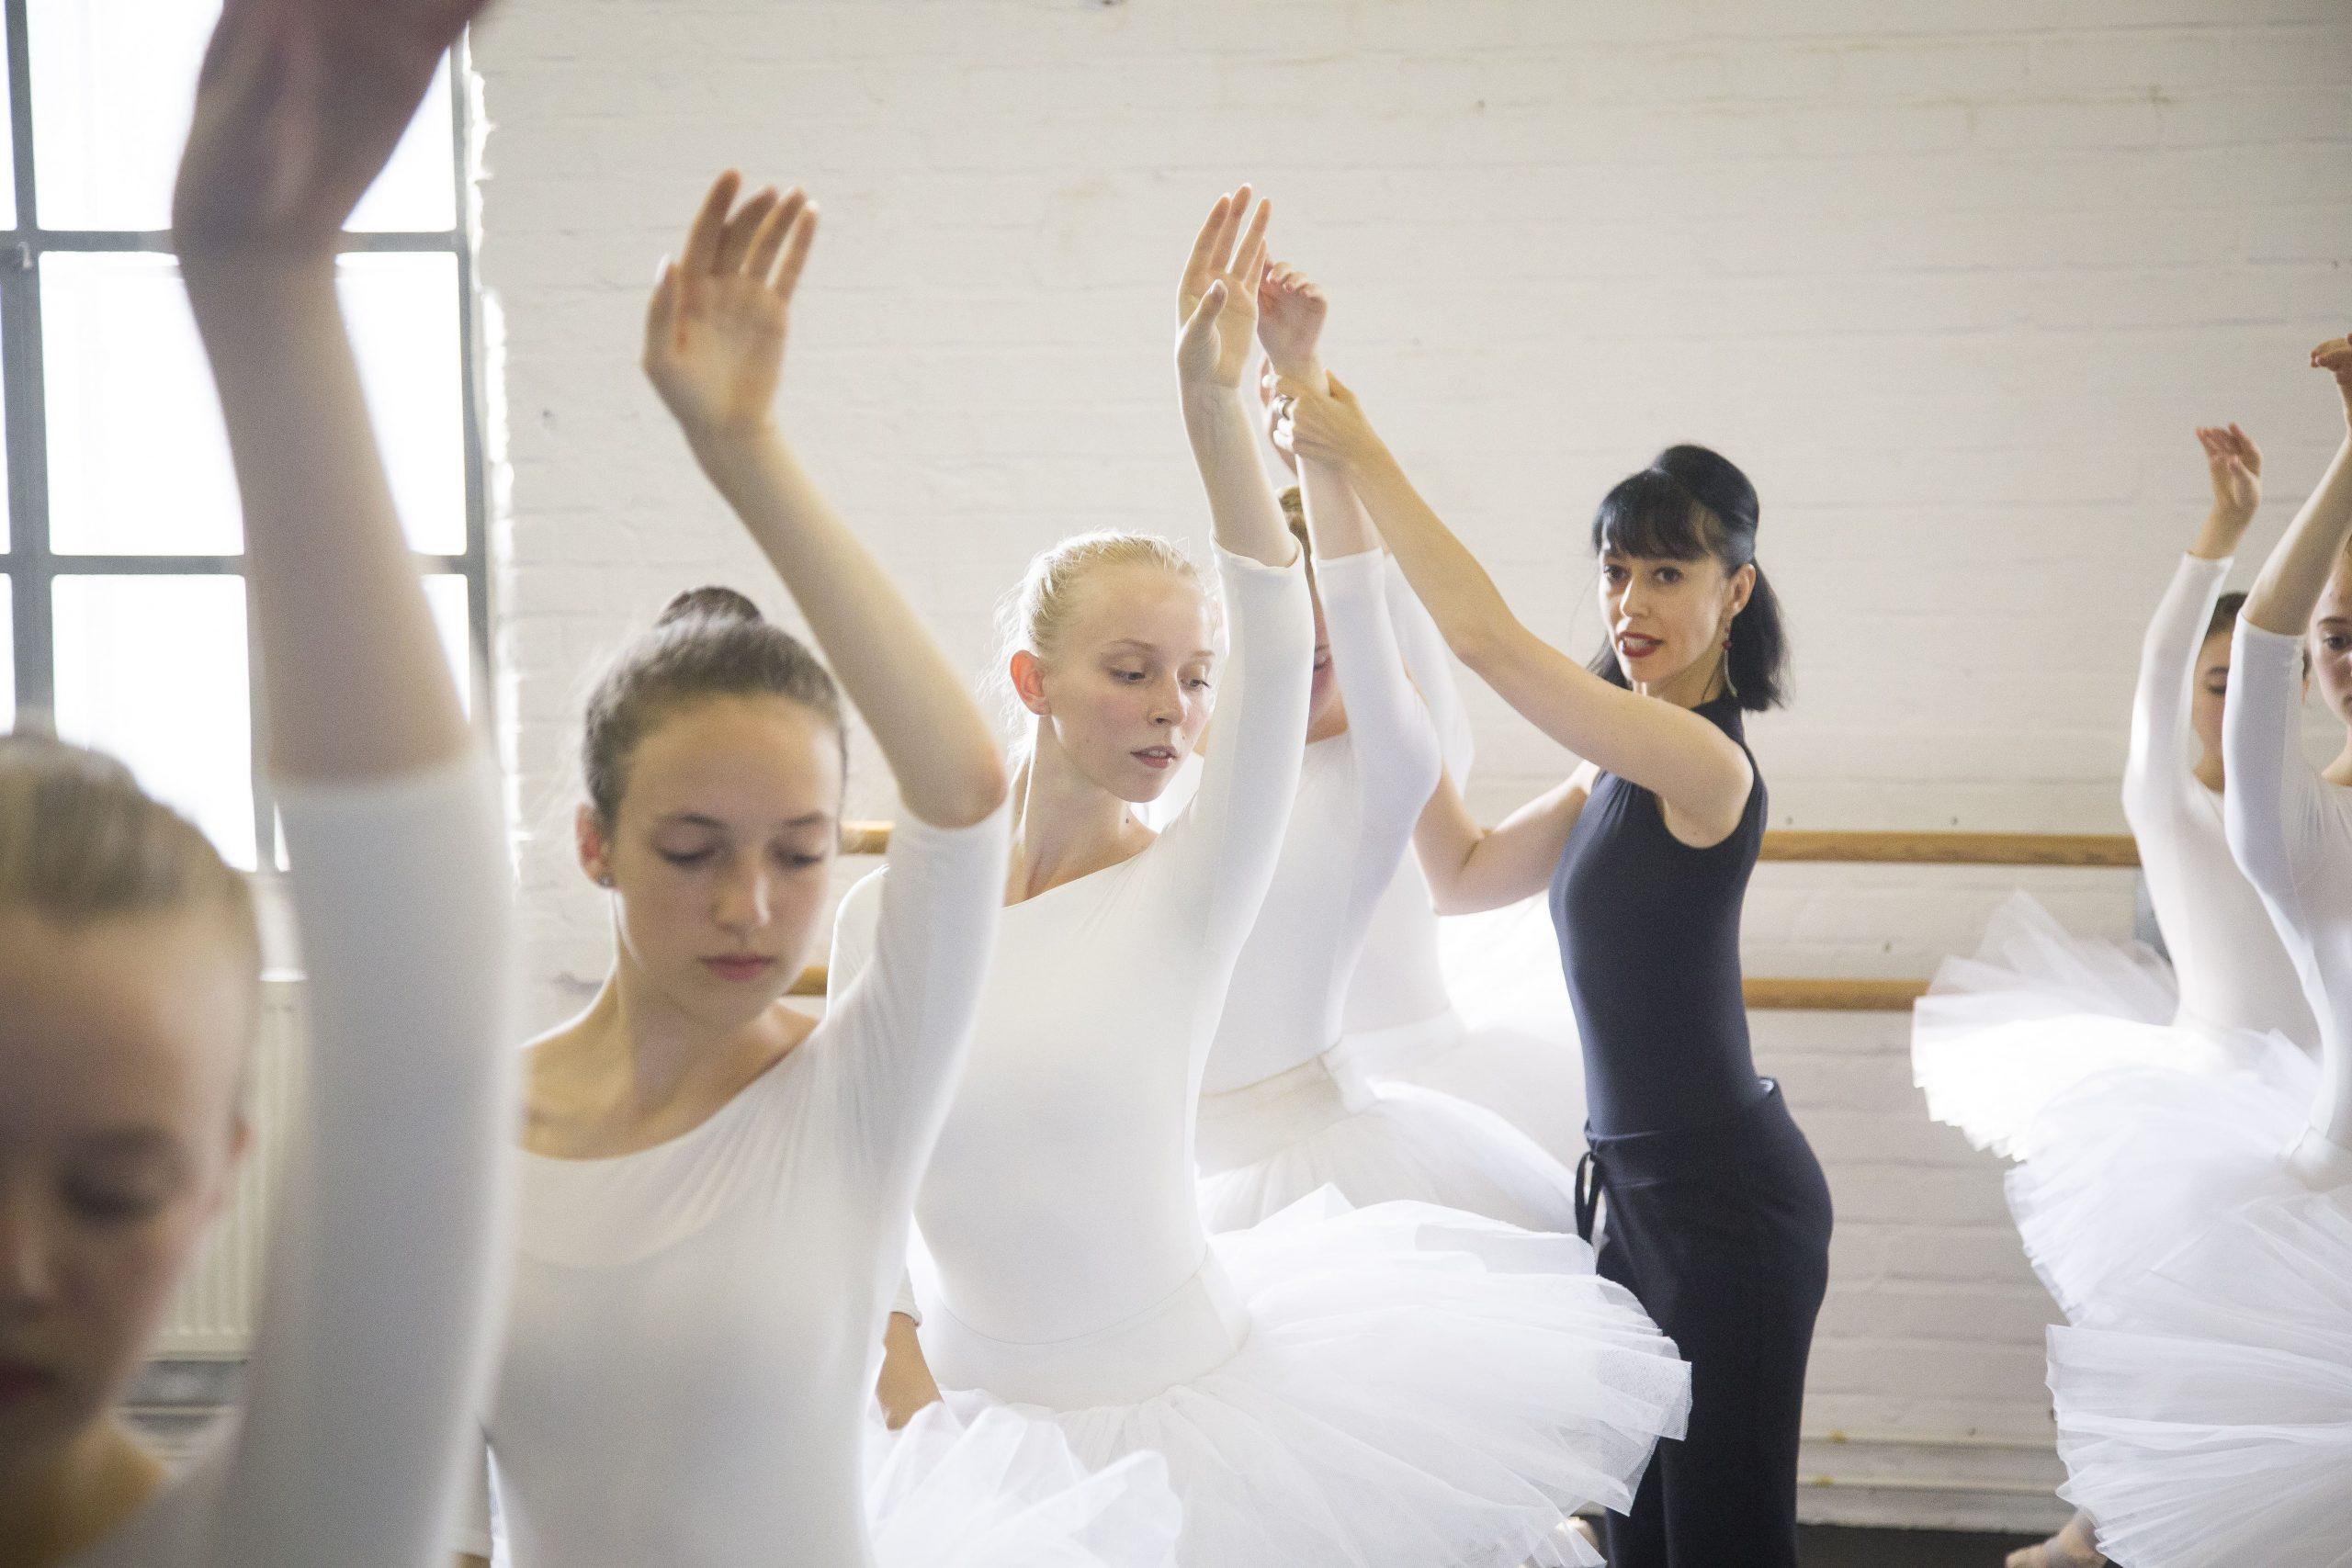 La bailarina Montserrat León imparte en 'Verano & Danza' un curso avanzado de ballet clásico en el Teatro Pérez Galdós